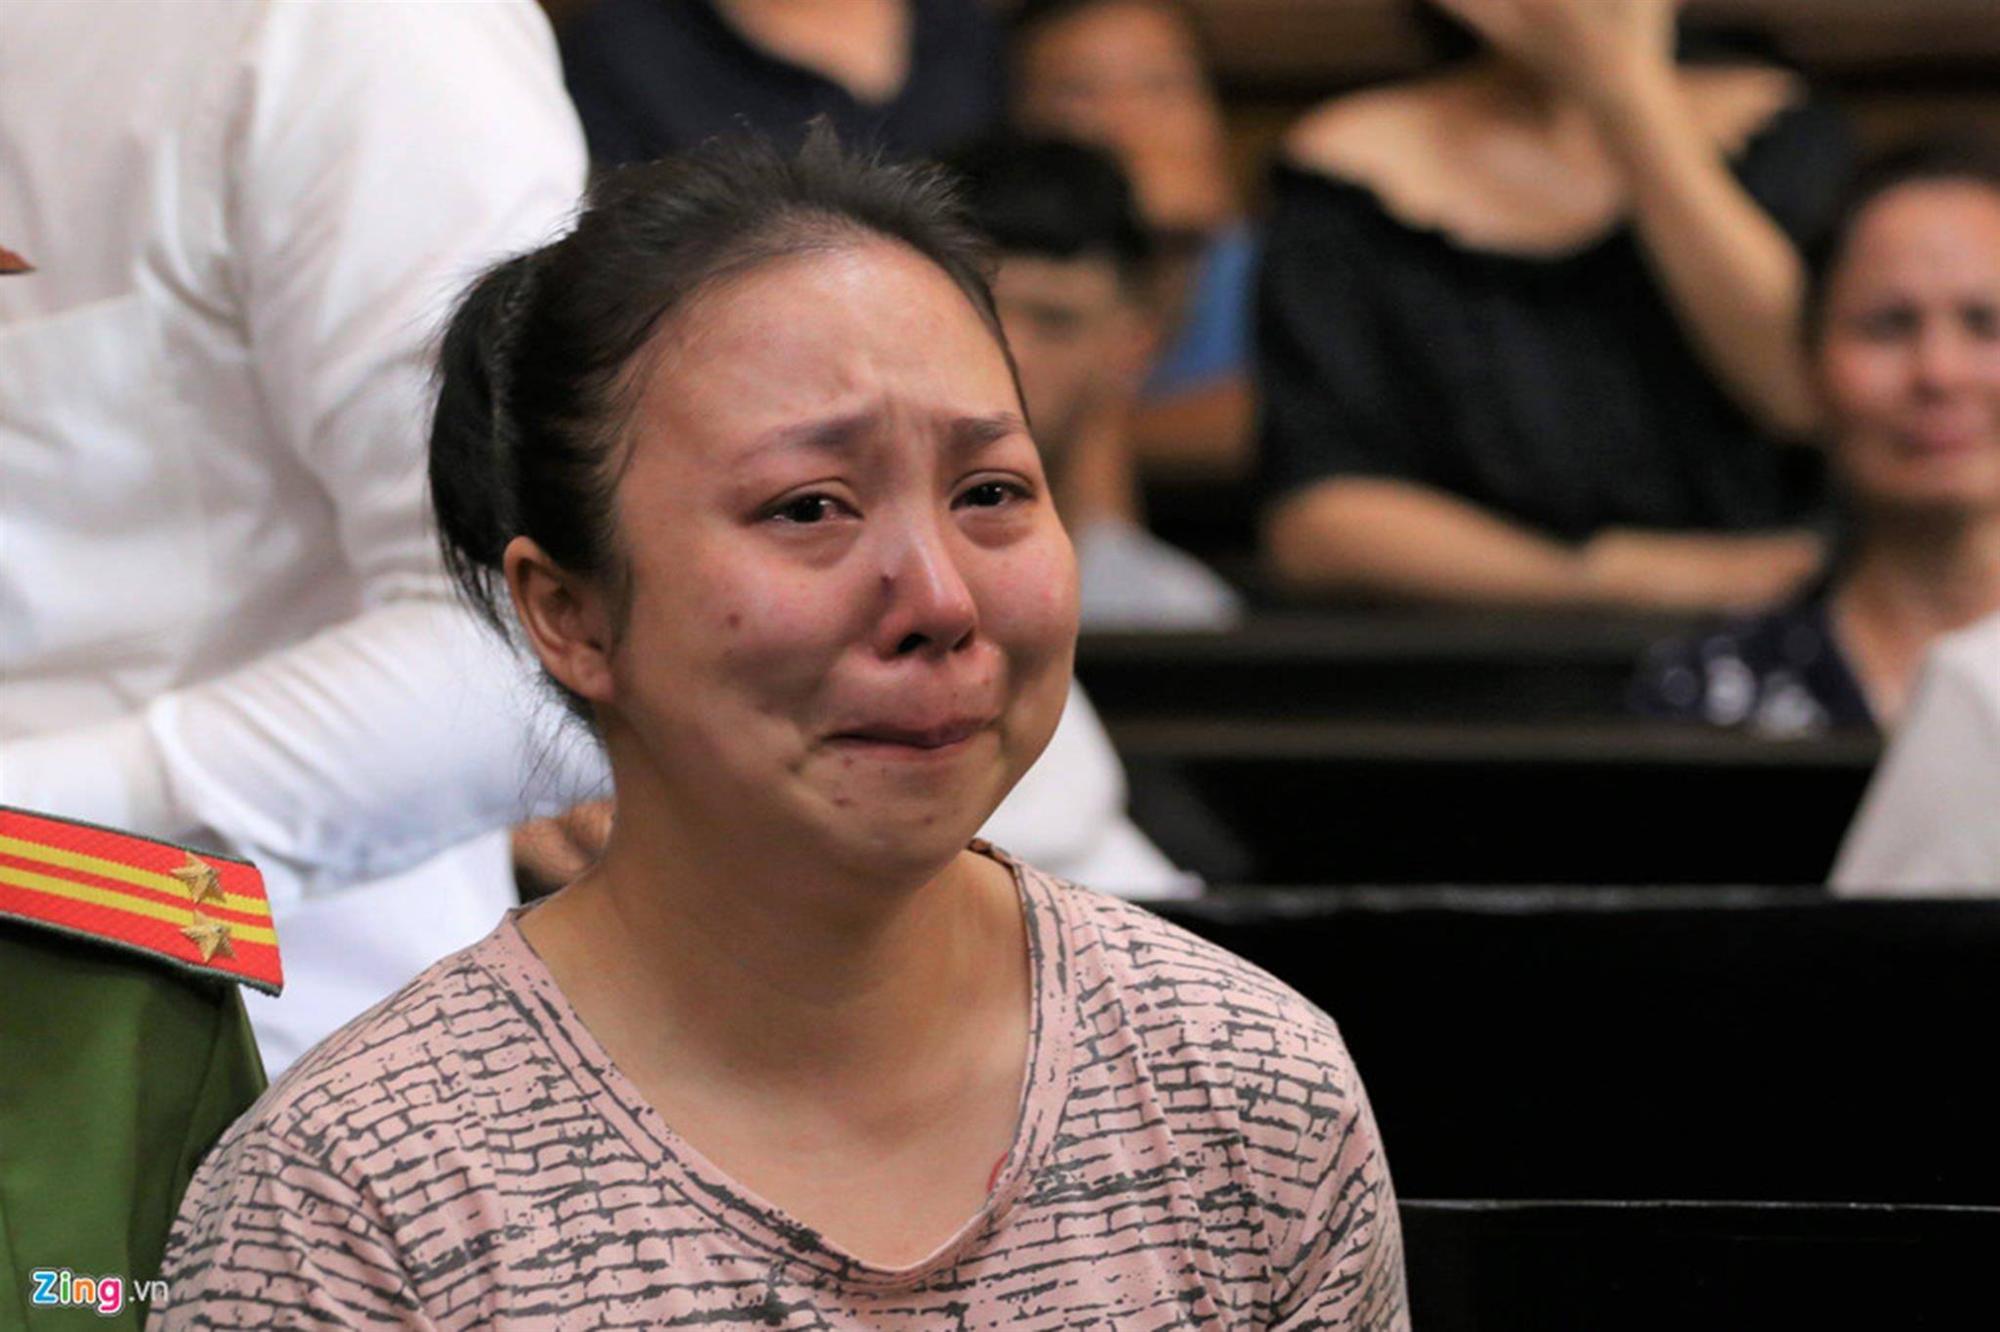 Cảm xúc trái chiều của Ngọc Miu và nhiều bị cáo khi VKS đề nghị án-6